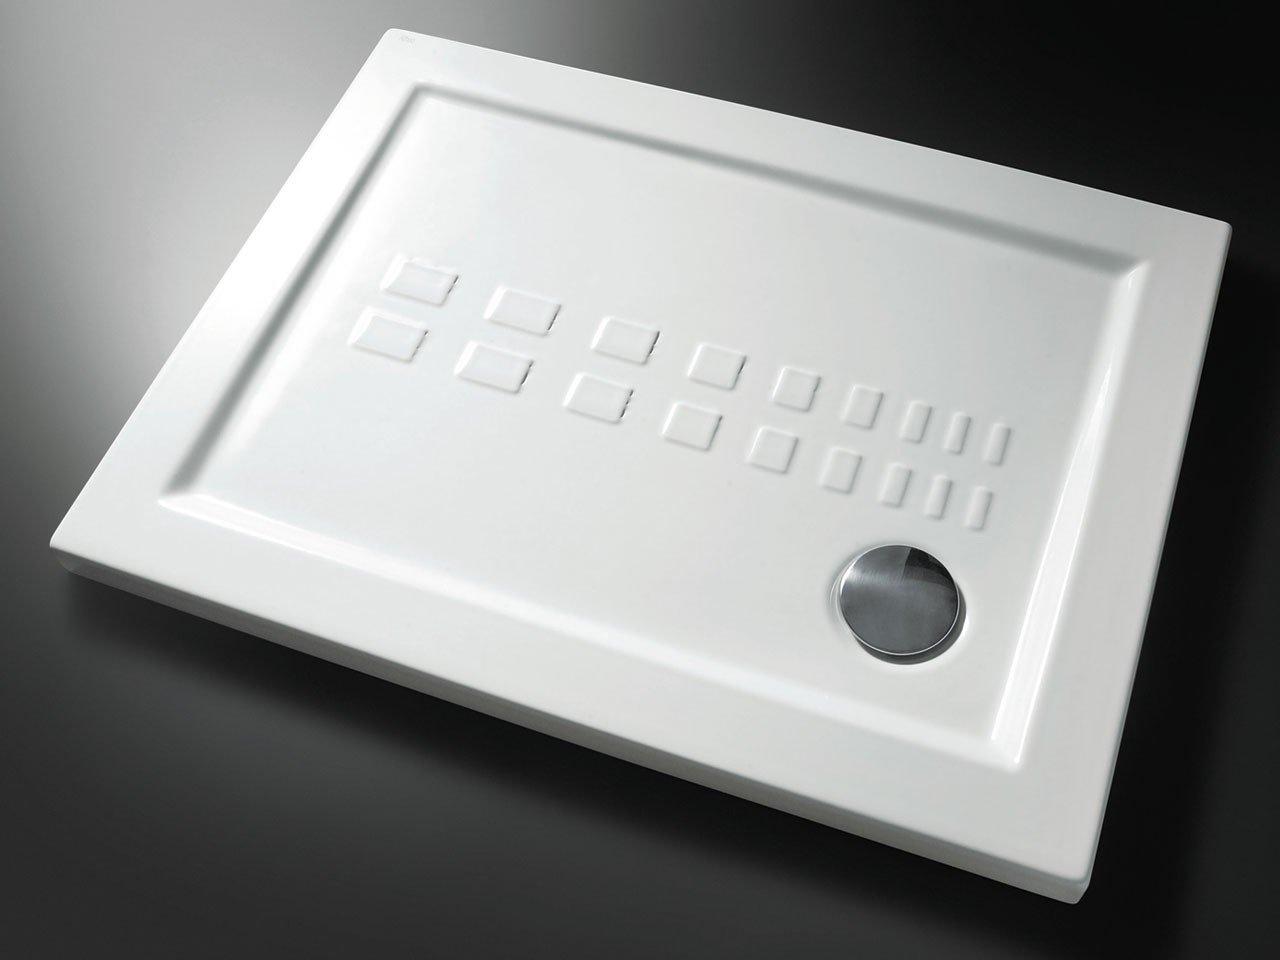 Piatto doccia 75 x 100  Termosifoni in ghisa scheda tecnica